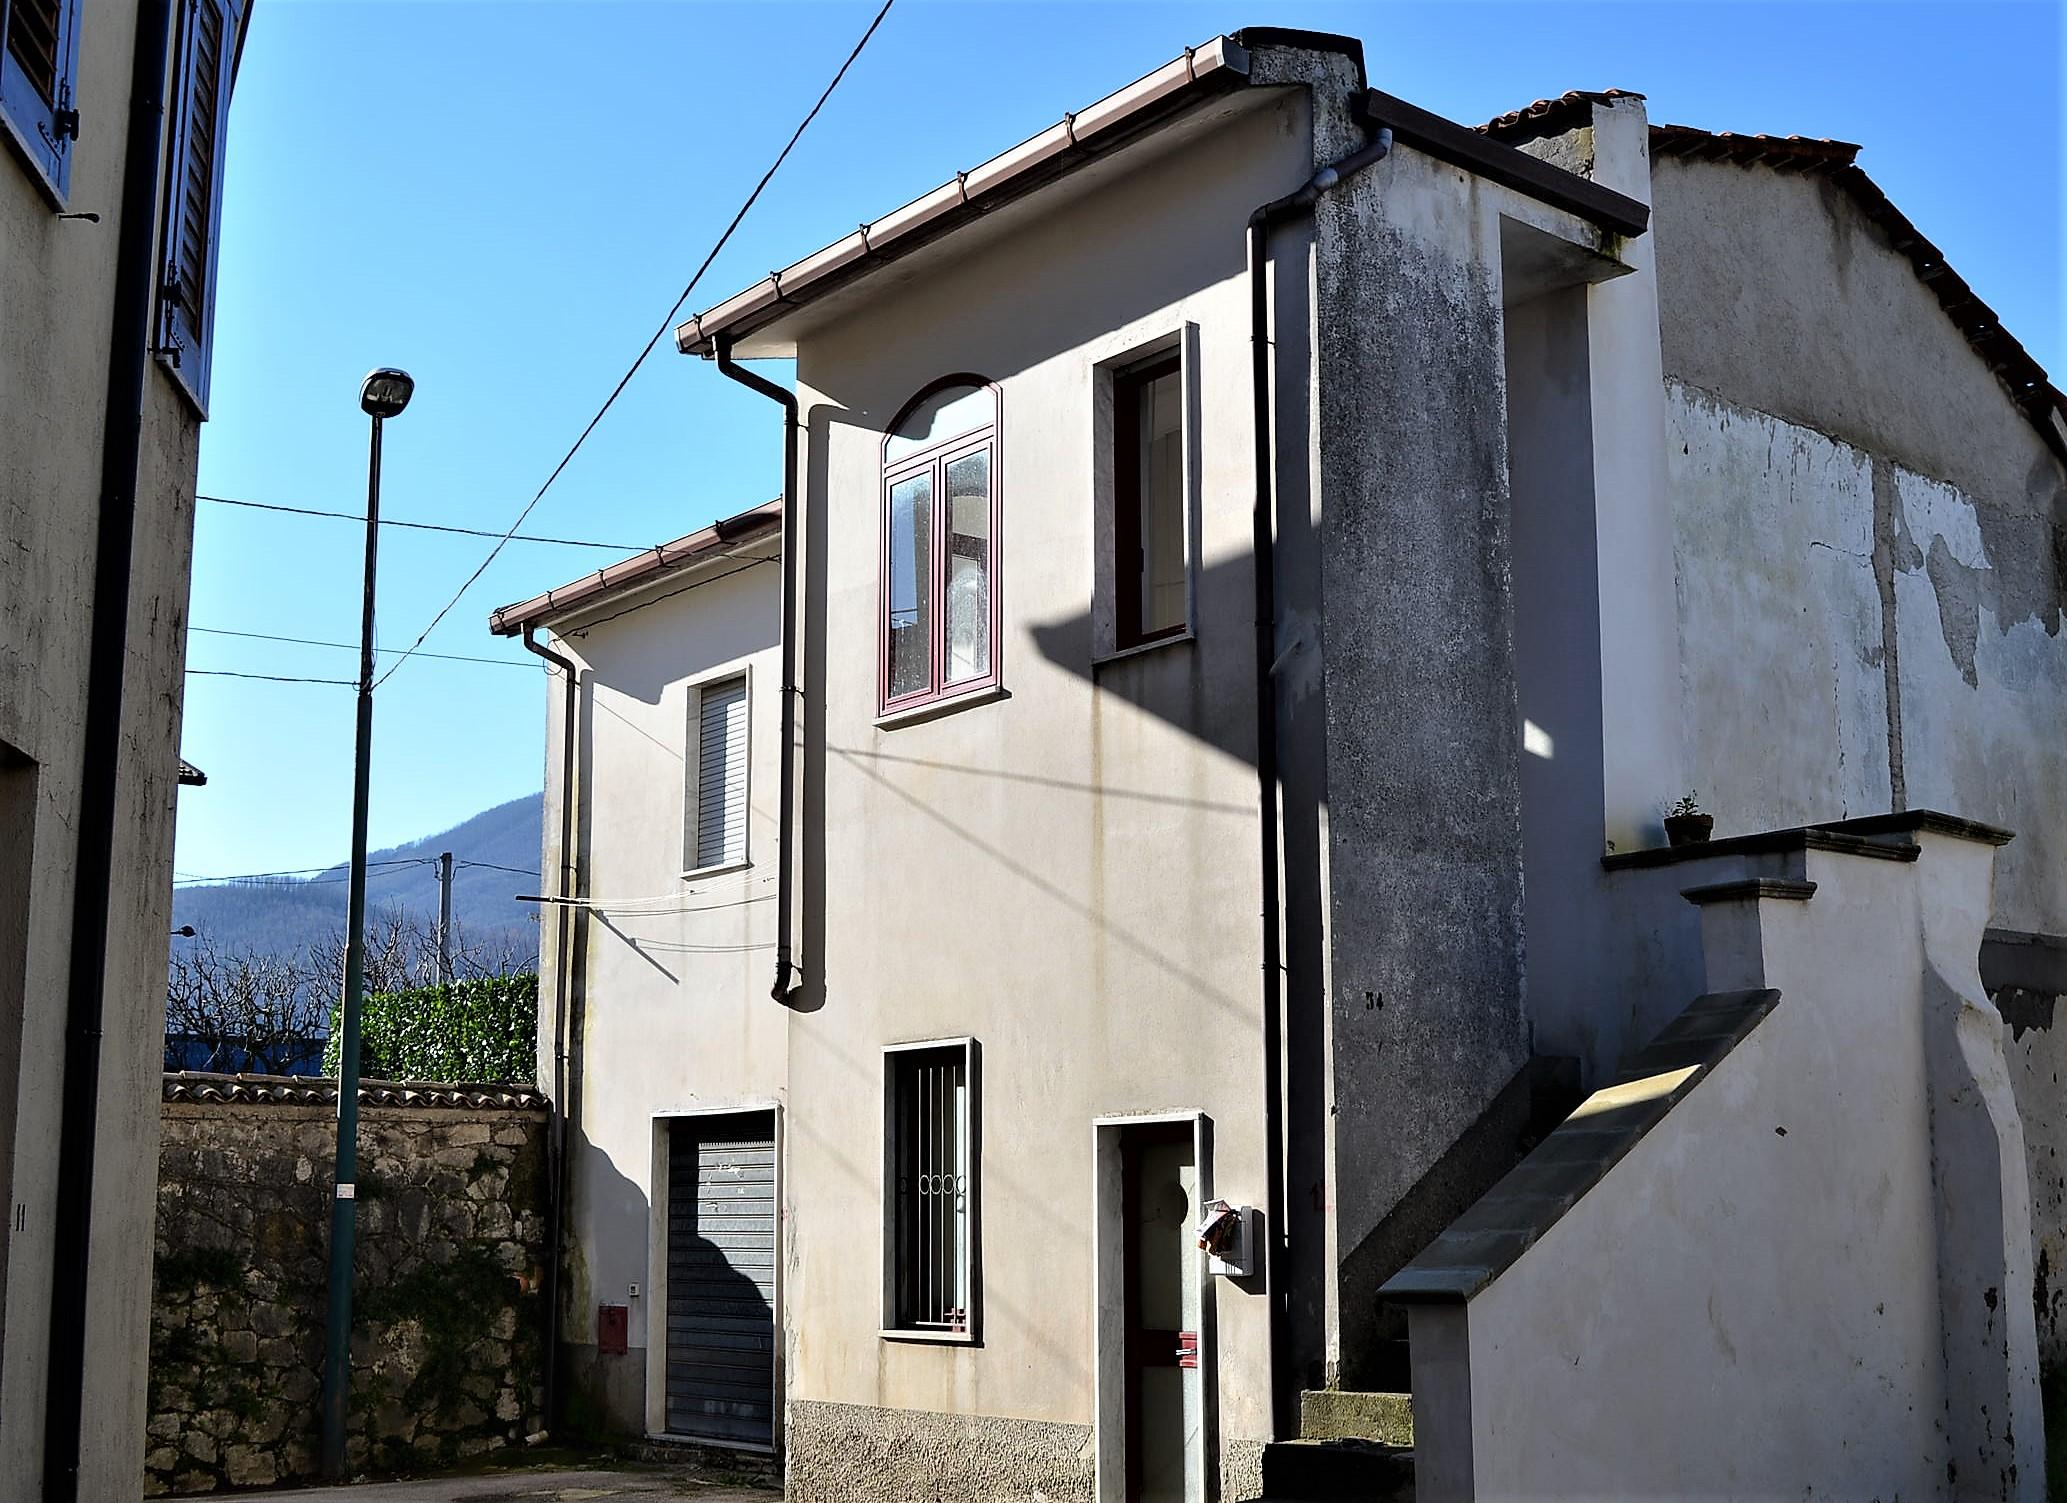 Forino (Av) Casa indipendente antisismica